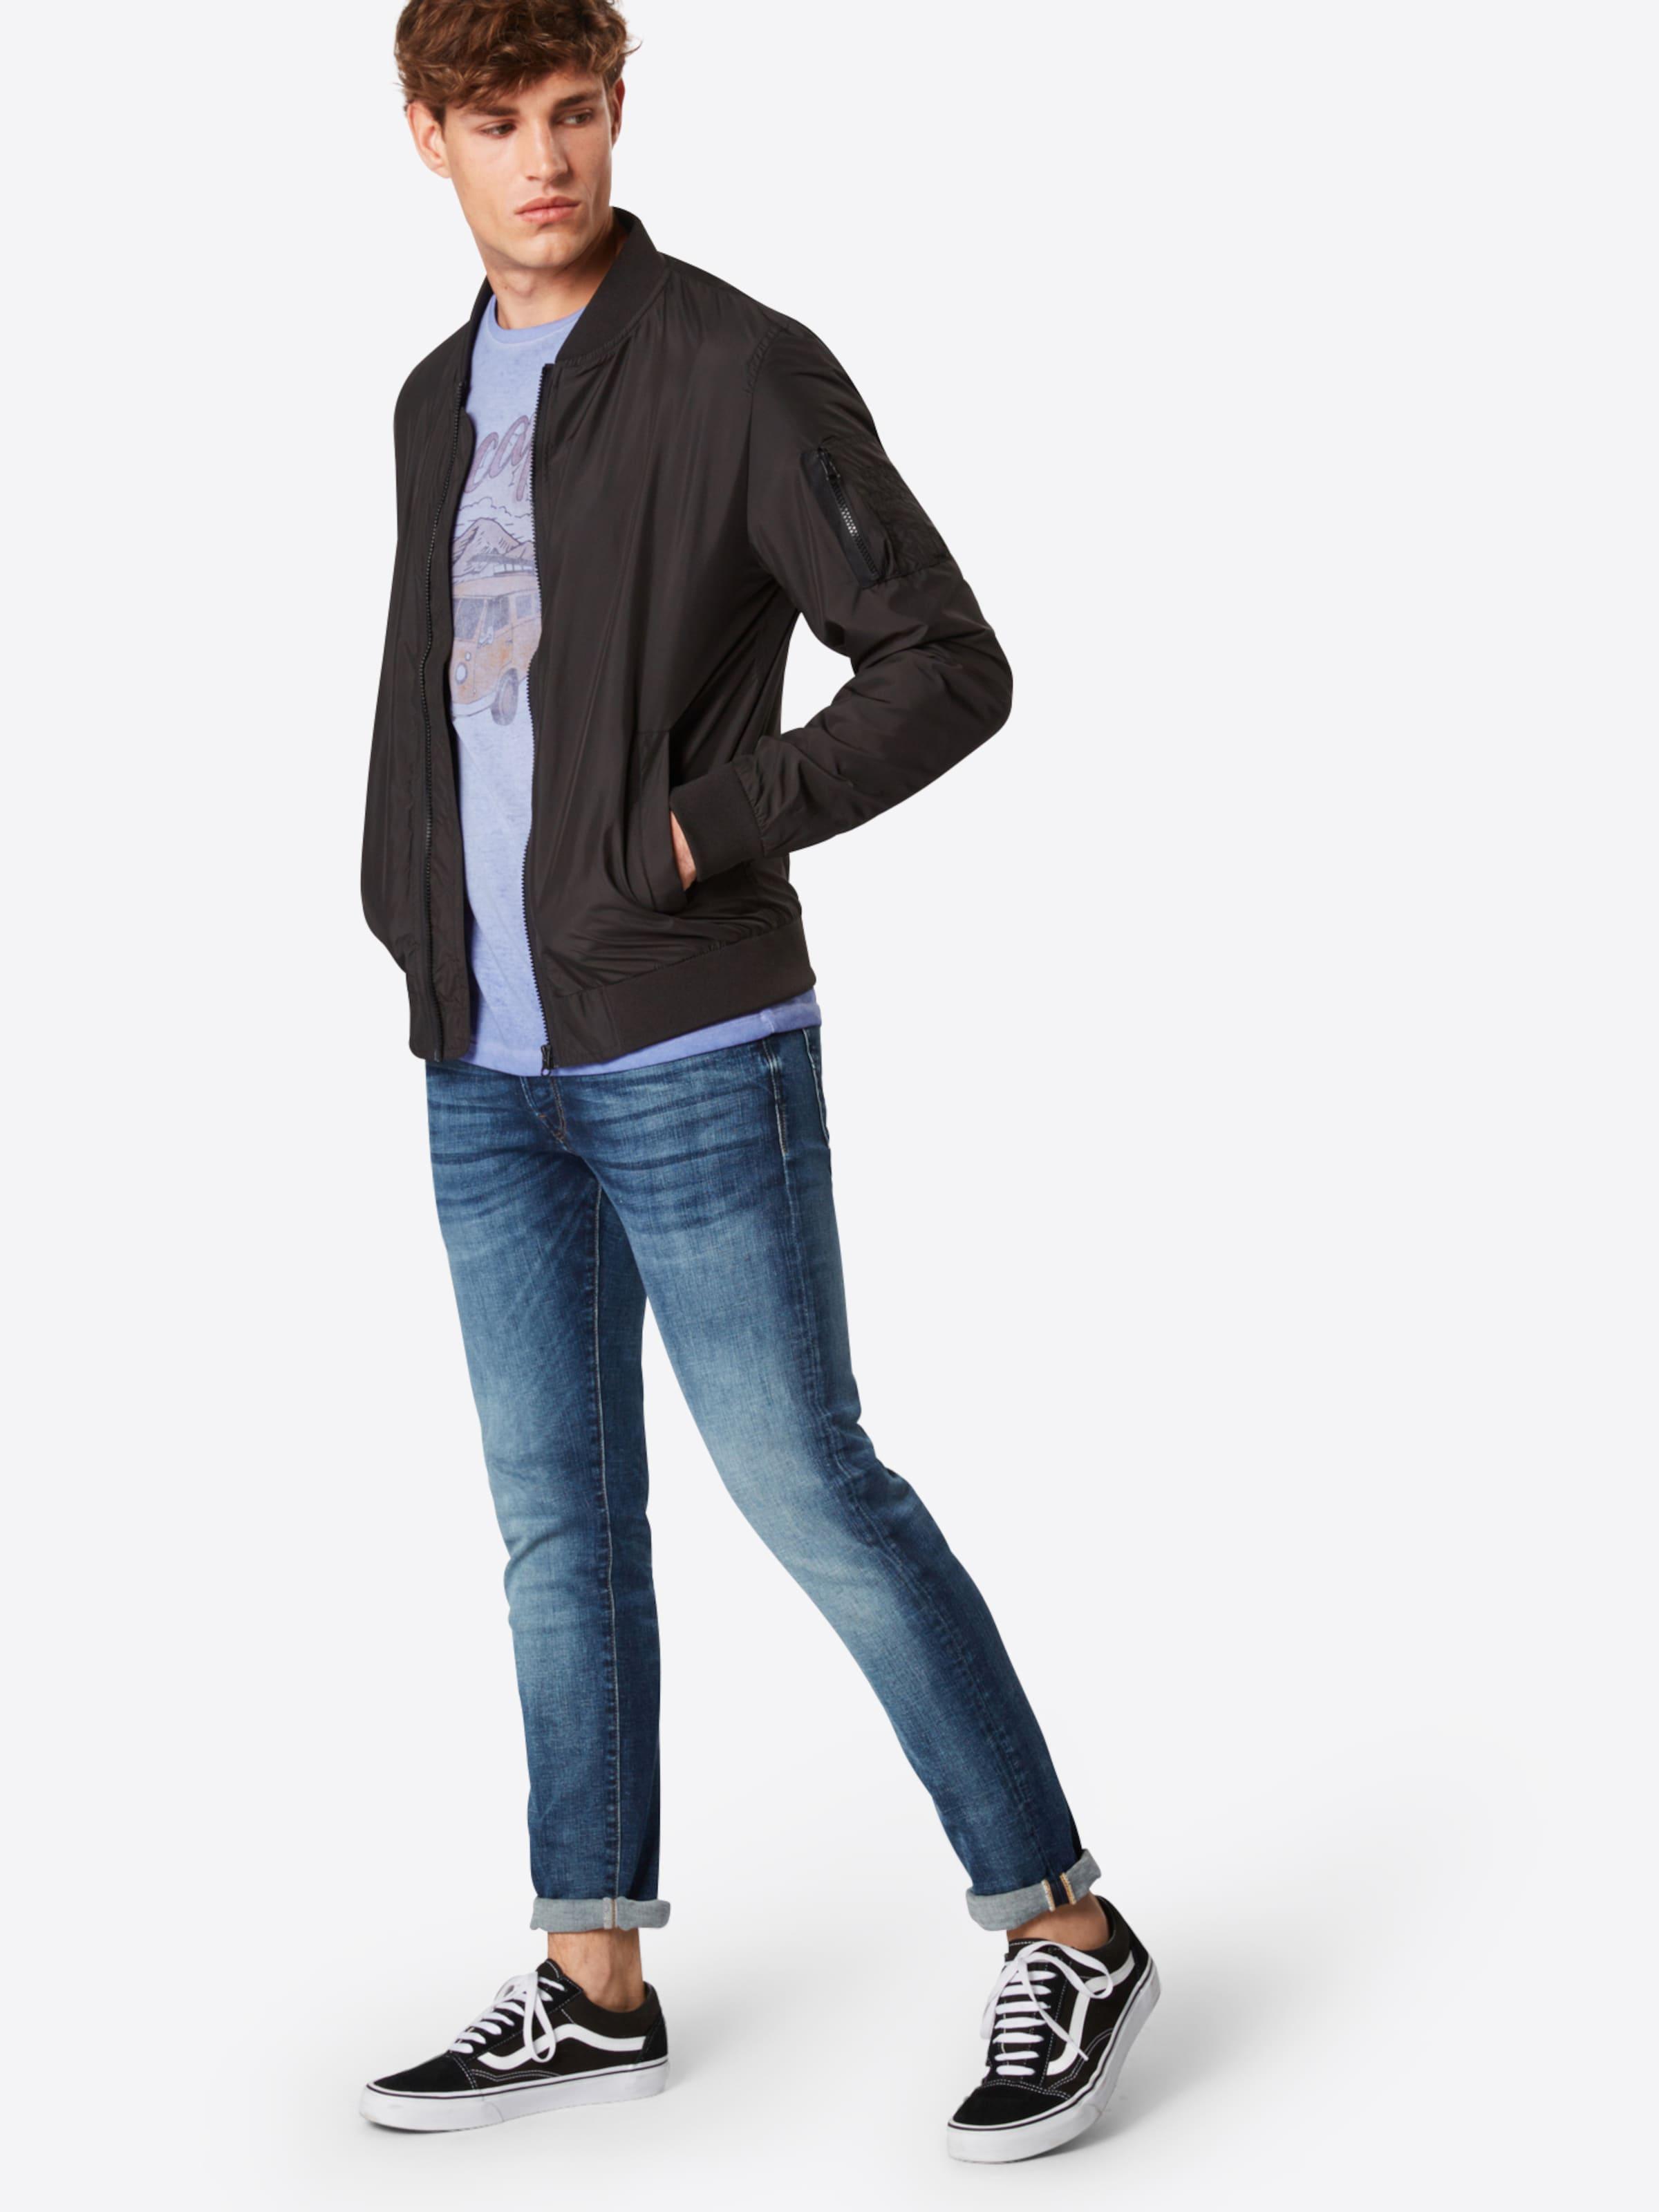 Jones 'jorescape' T shirt En Bleu Jackamp; F1Jl3KcT